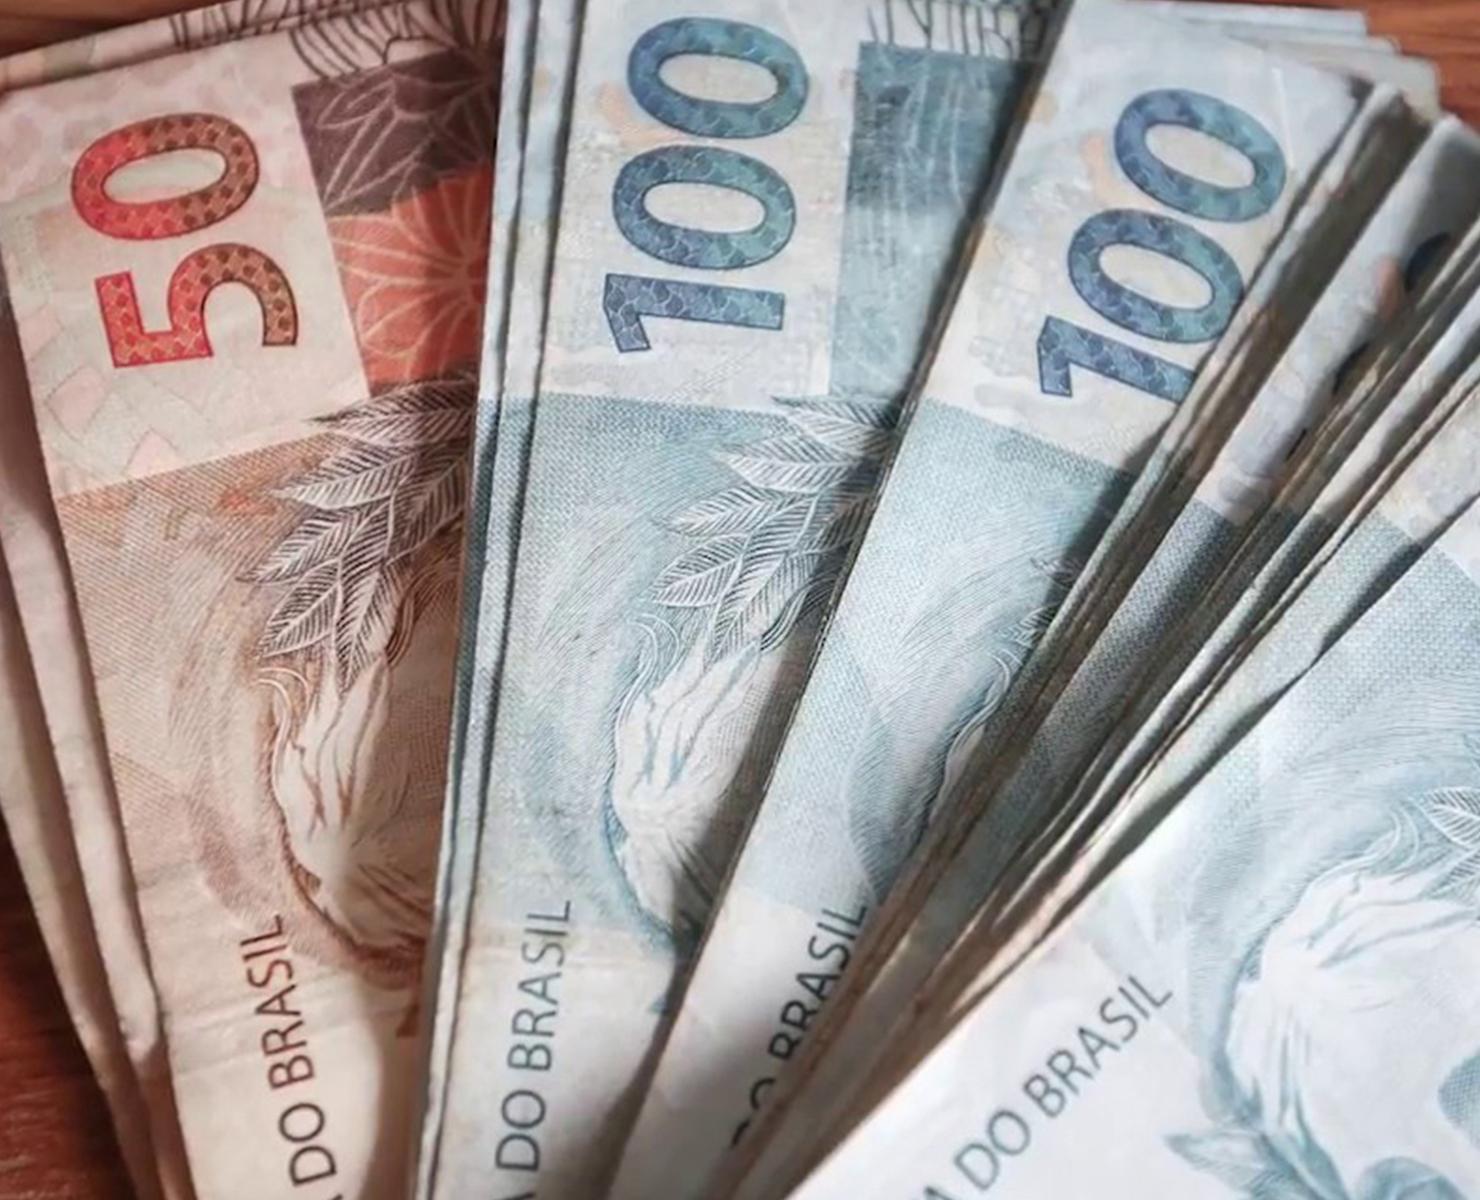 INSS: R$ 116 MILHÕES EM ATRASADOS SERÃO PAGOS